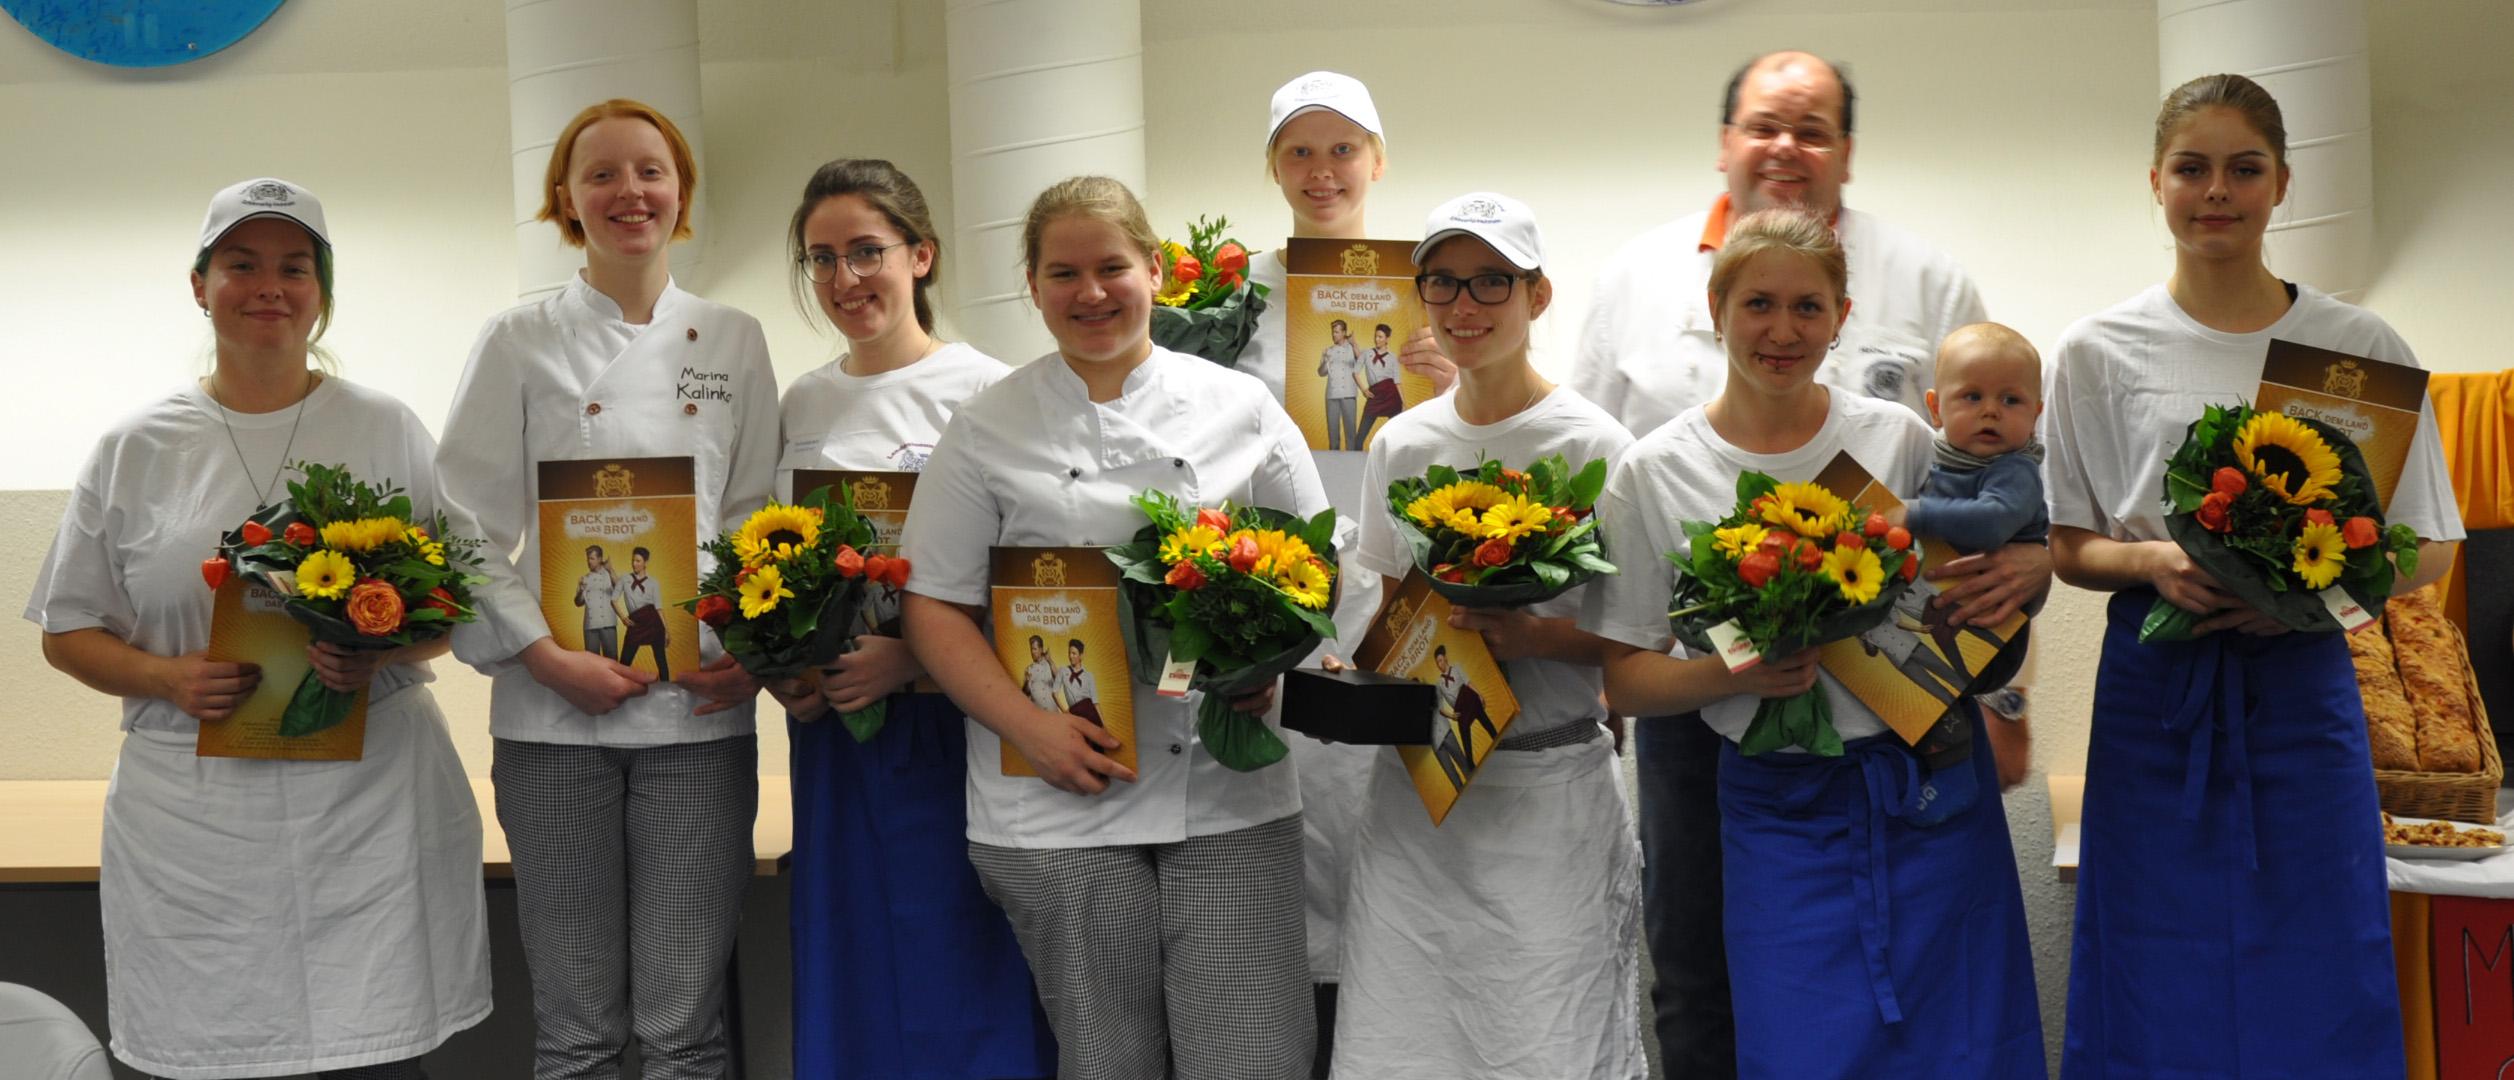 Die Teilnehmerinnen: von links: Ann-Katrin Burr, Marina Kalinka, Gezime Ismajli, Lisa Petersen, Vanessa Stengel (hinten), Vanessa Ralfs, Rahel Ba-jerowitz, Nathalie Rehbein und Landeslehrlingswart Helmut Börke.